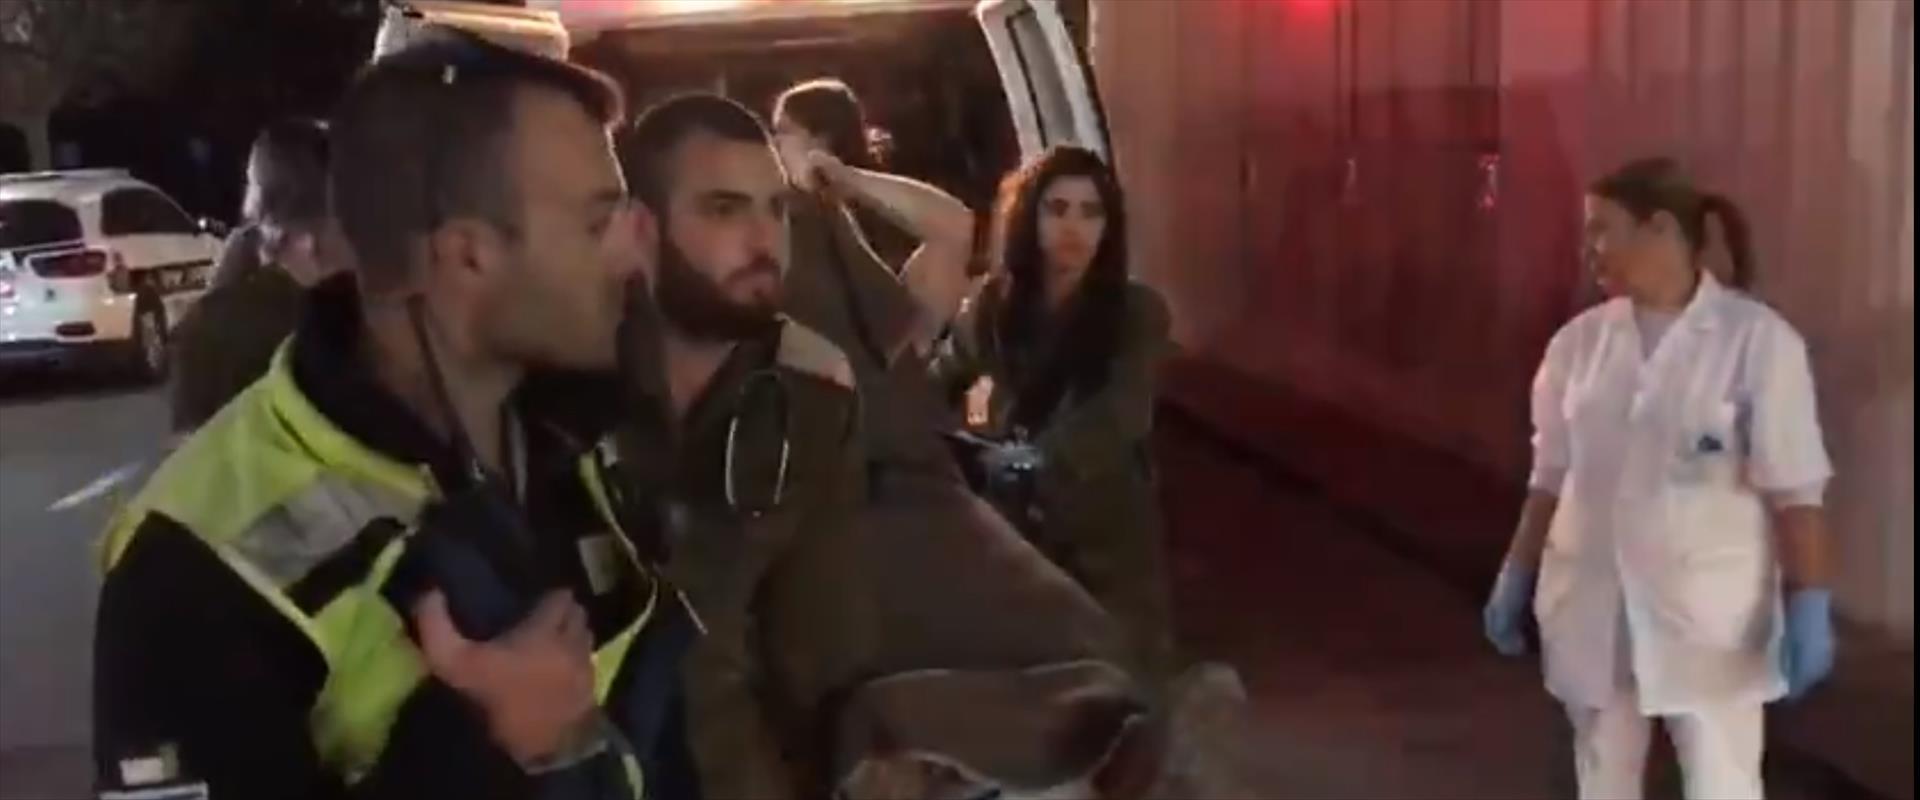 פינוי הקצין שנפצע בגבול עזה